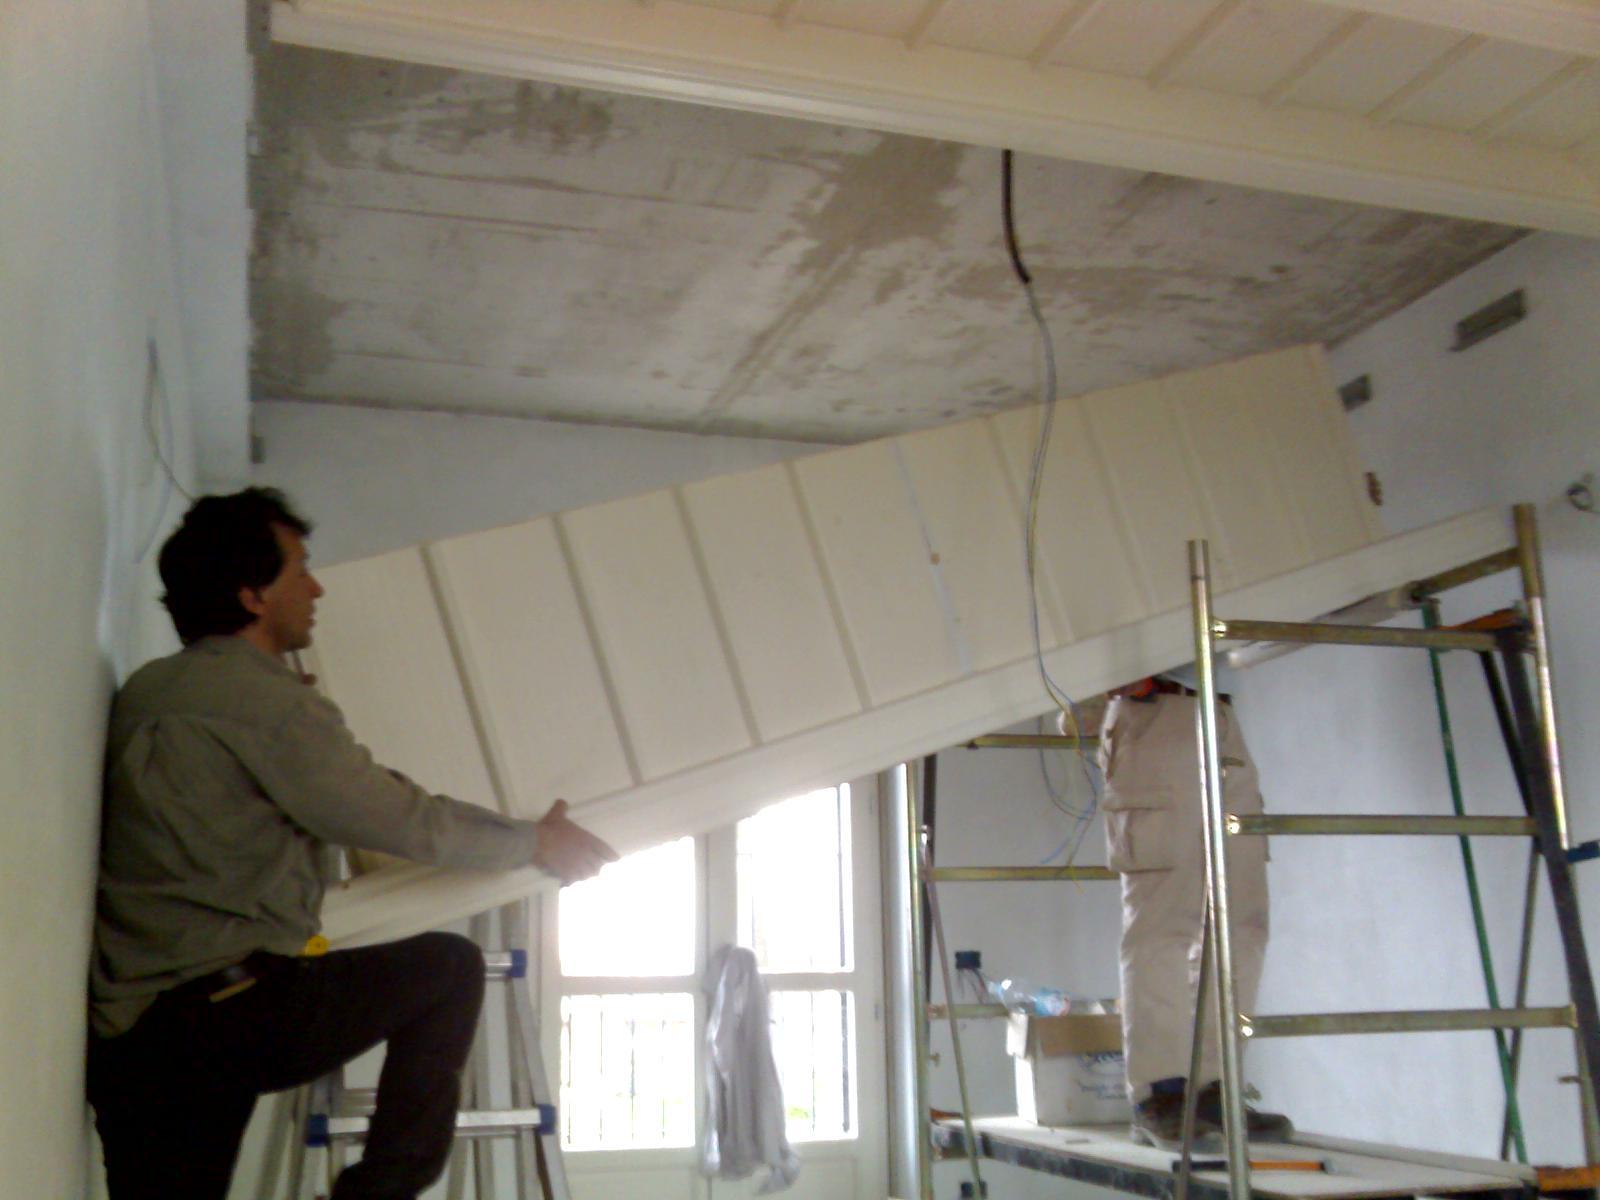 Soffitti a cassettoni in legno: applicazione dal basso contro soletta ...